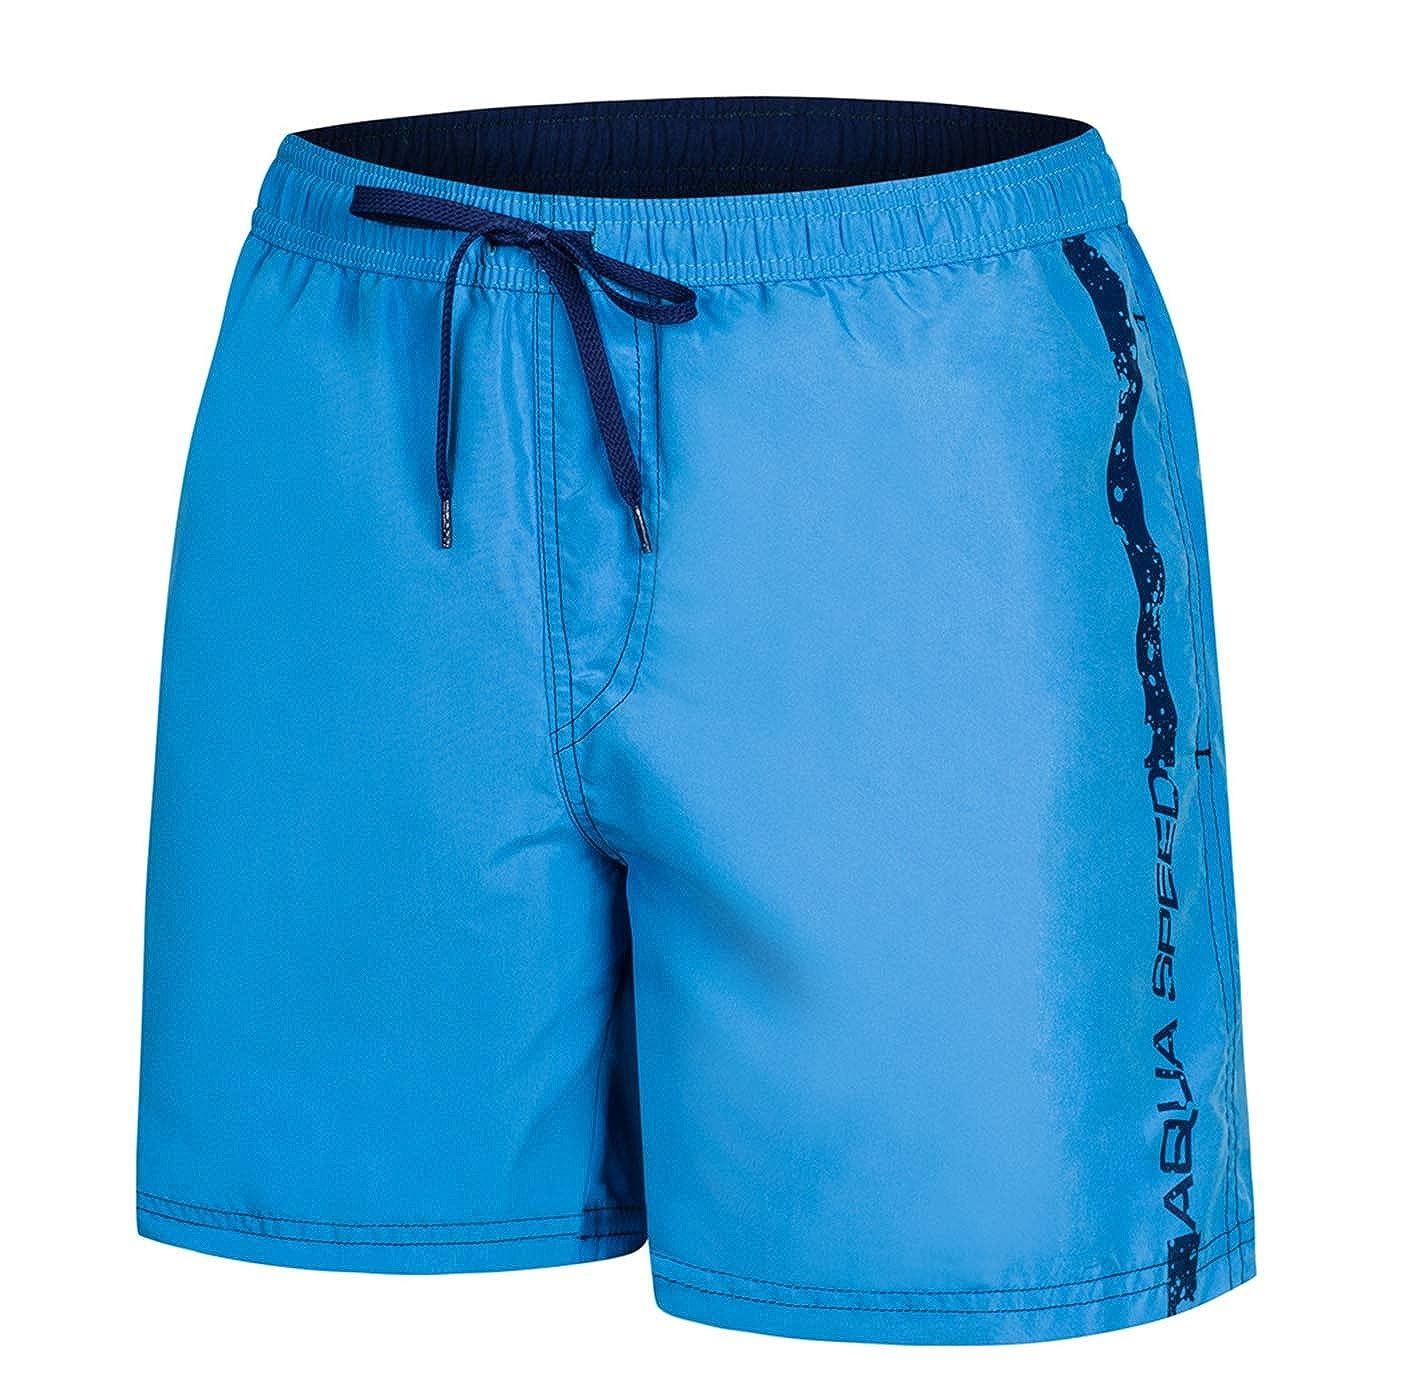 Aqua Speed 5908217667045 Ace Swim - Pantalones Cortos para Hombre, Talla XXL, Color Azul Claro y Azul Marino